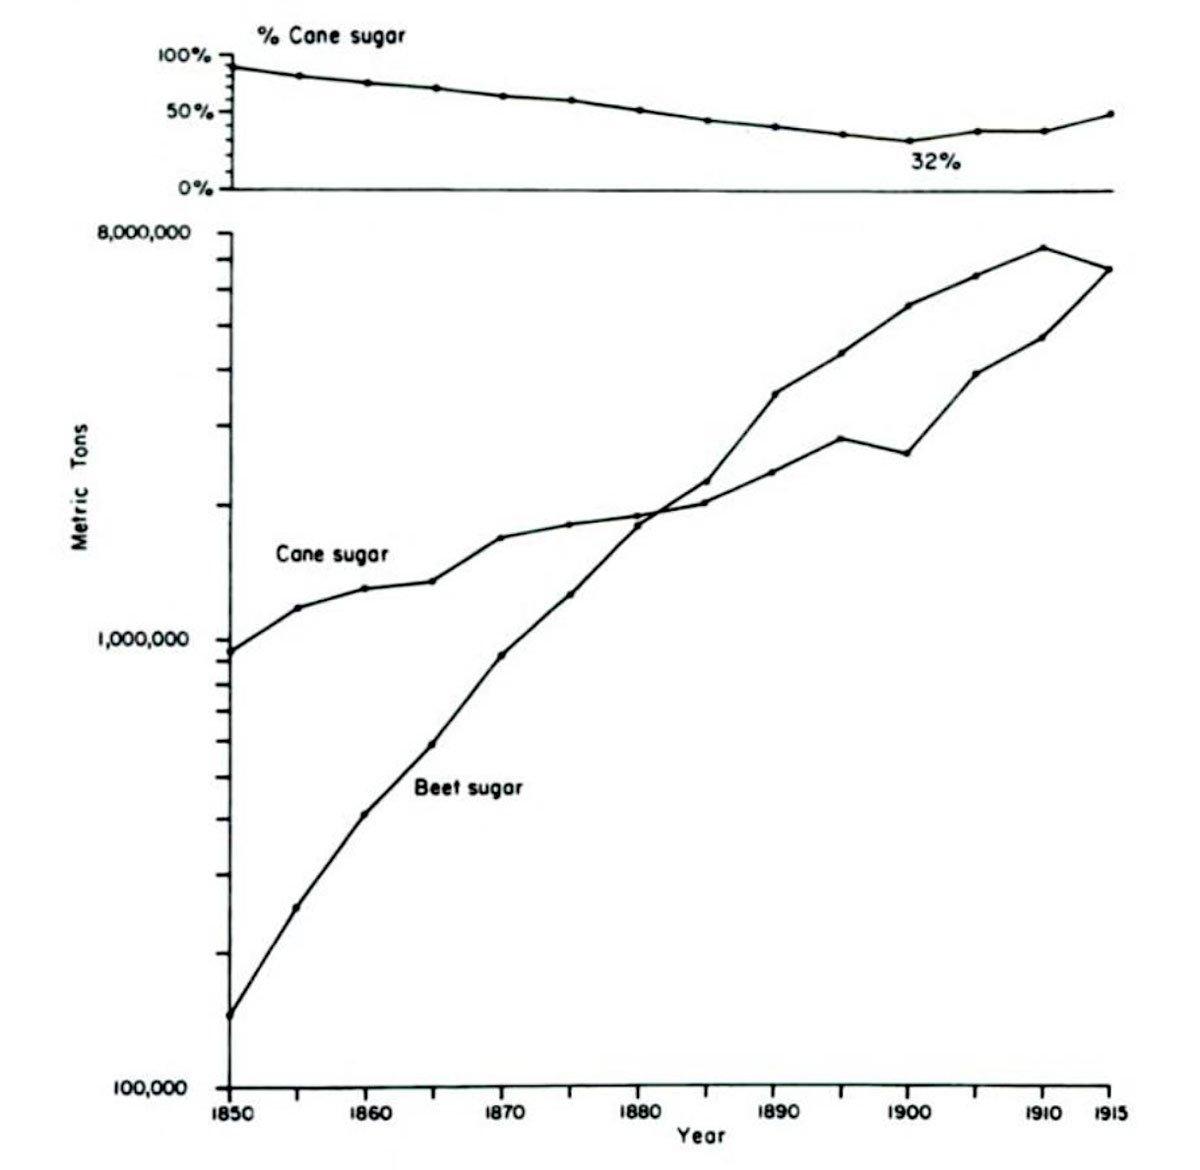 Sugar cane and beet sugar production, 1850 - 1915